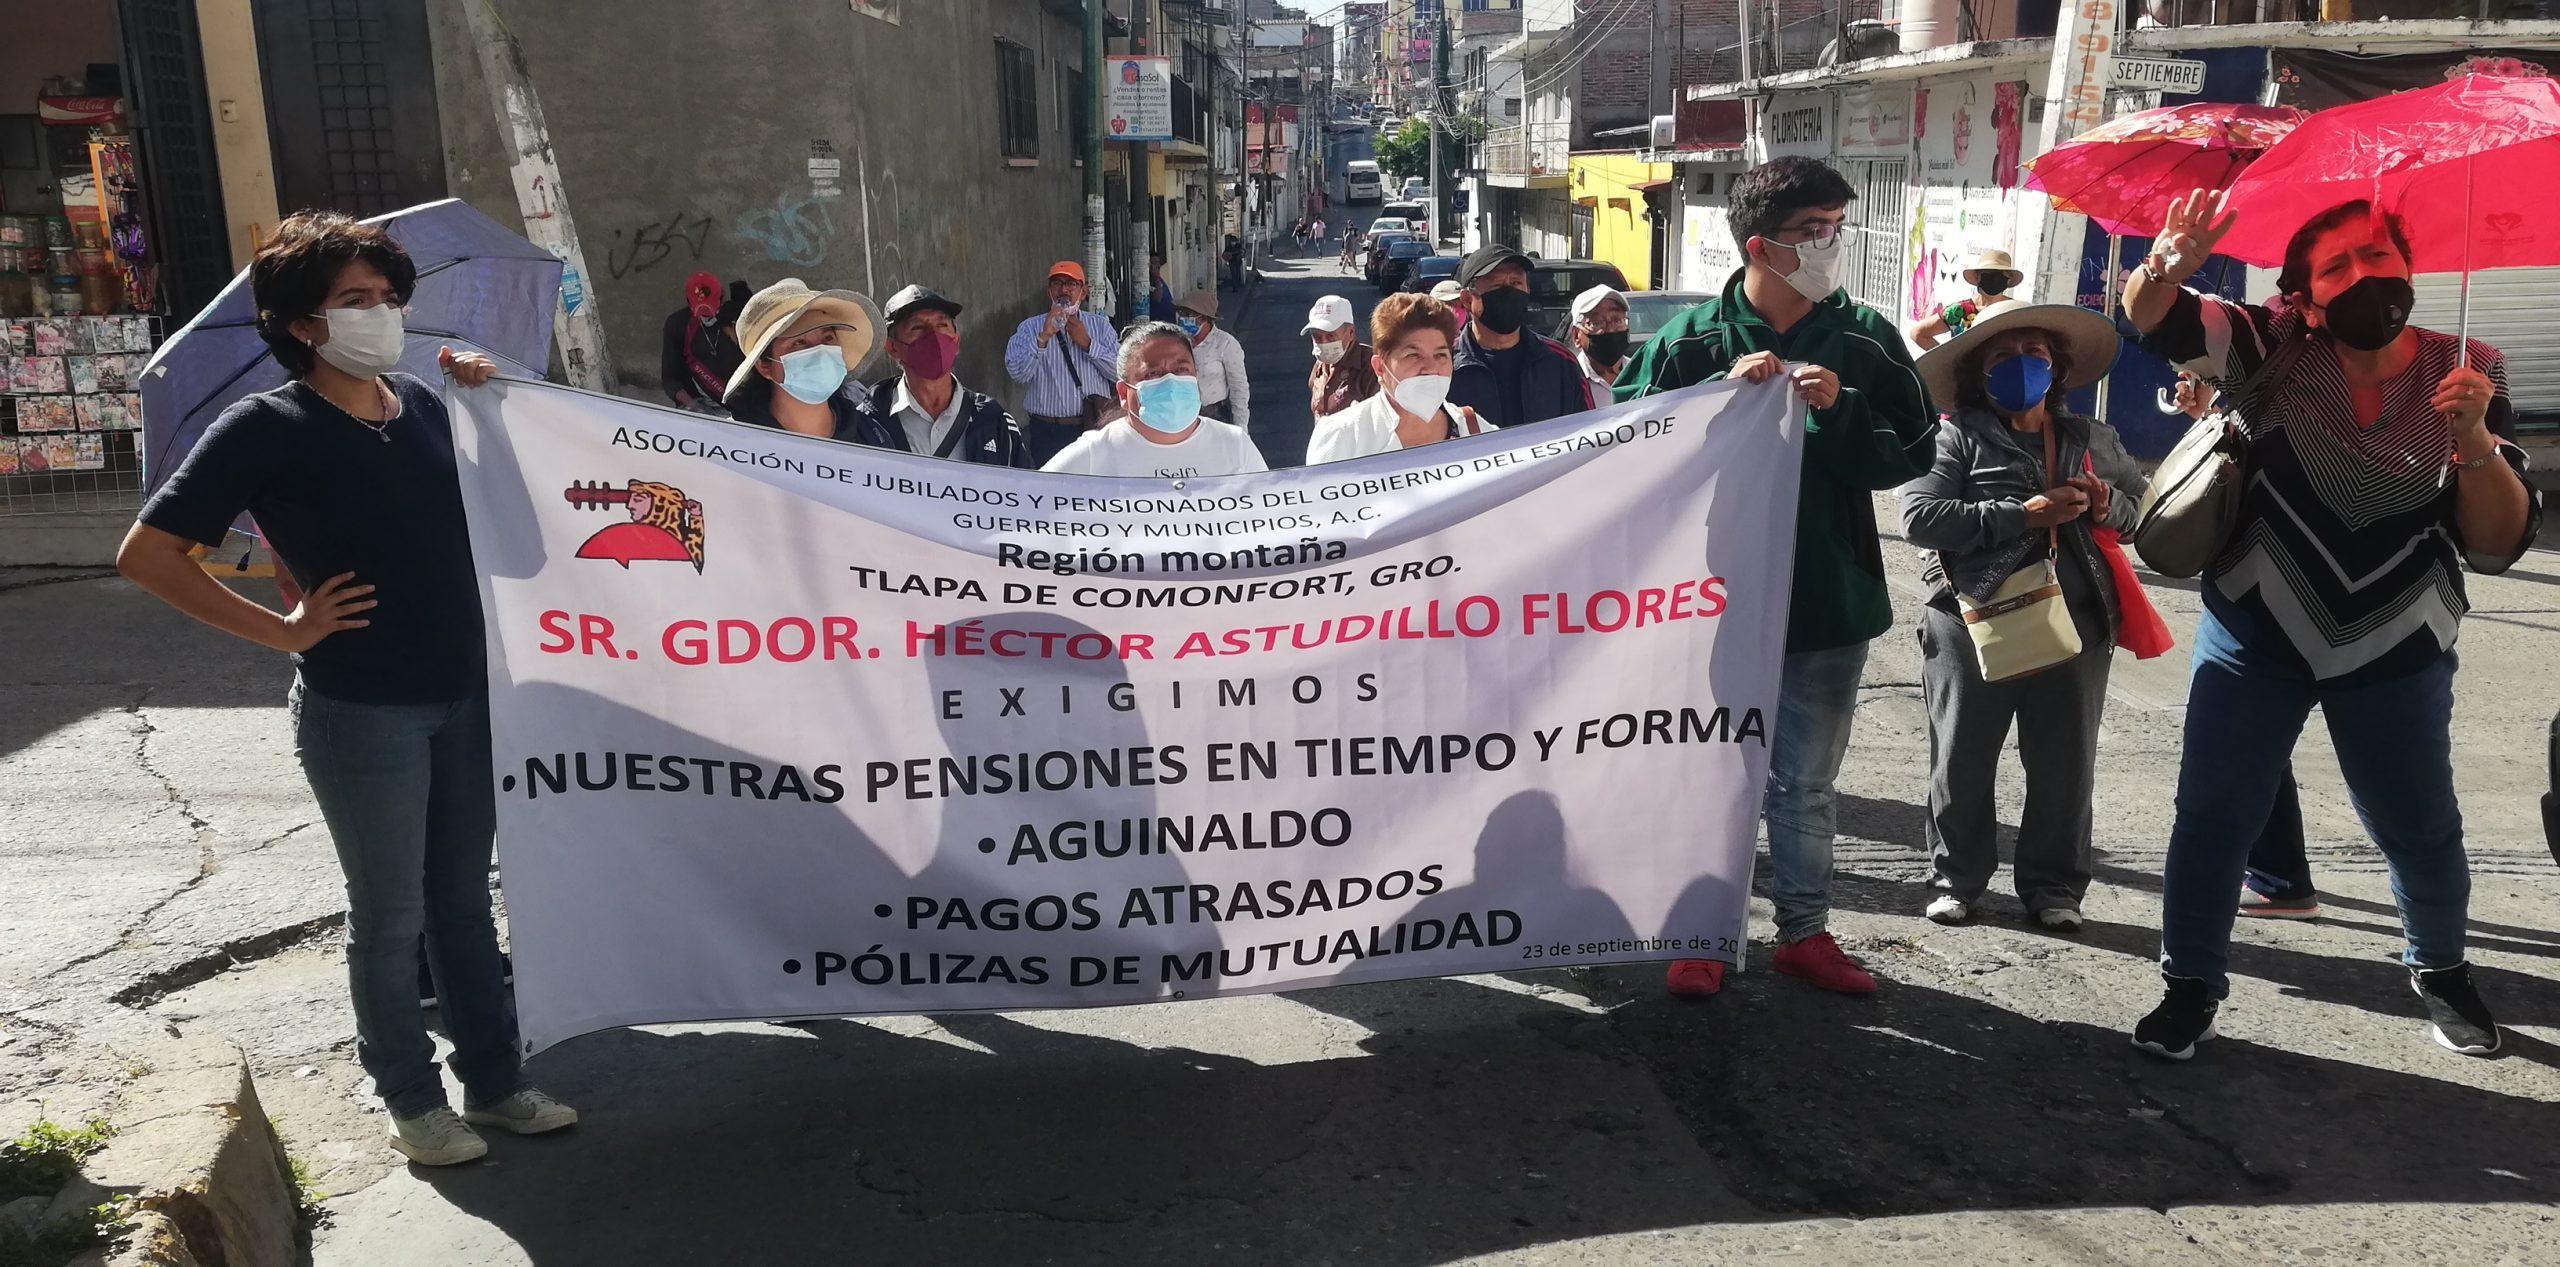 Chilpancingo: Cierran jubilados las oficinas de Astudillo y bloquean avenidas; exigen pagos 1